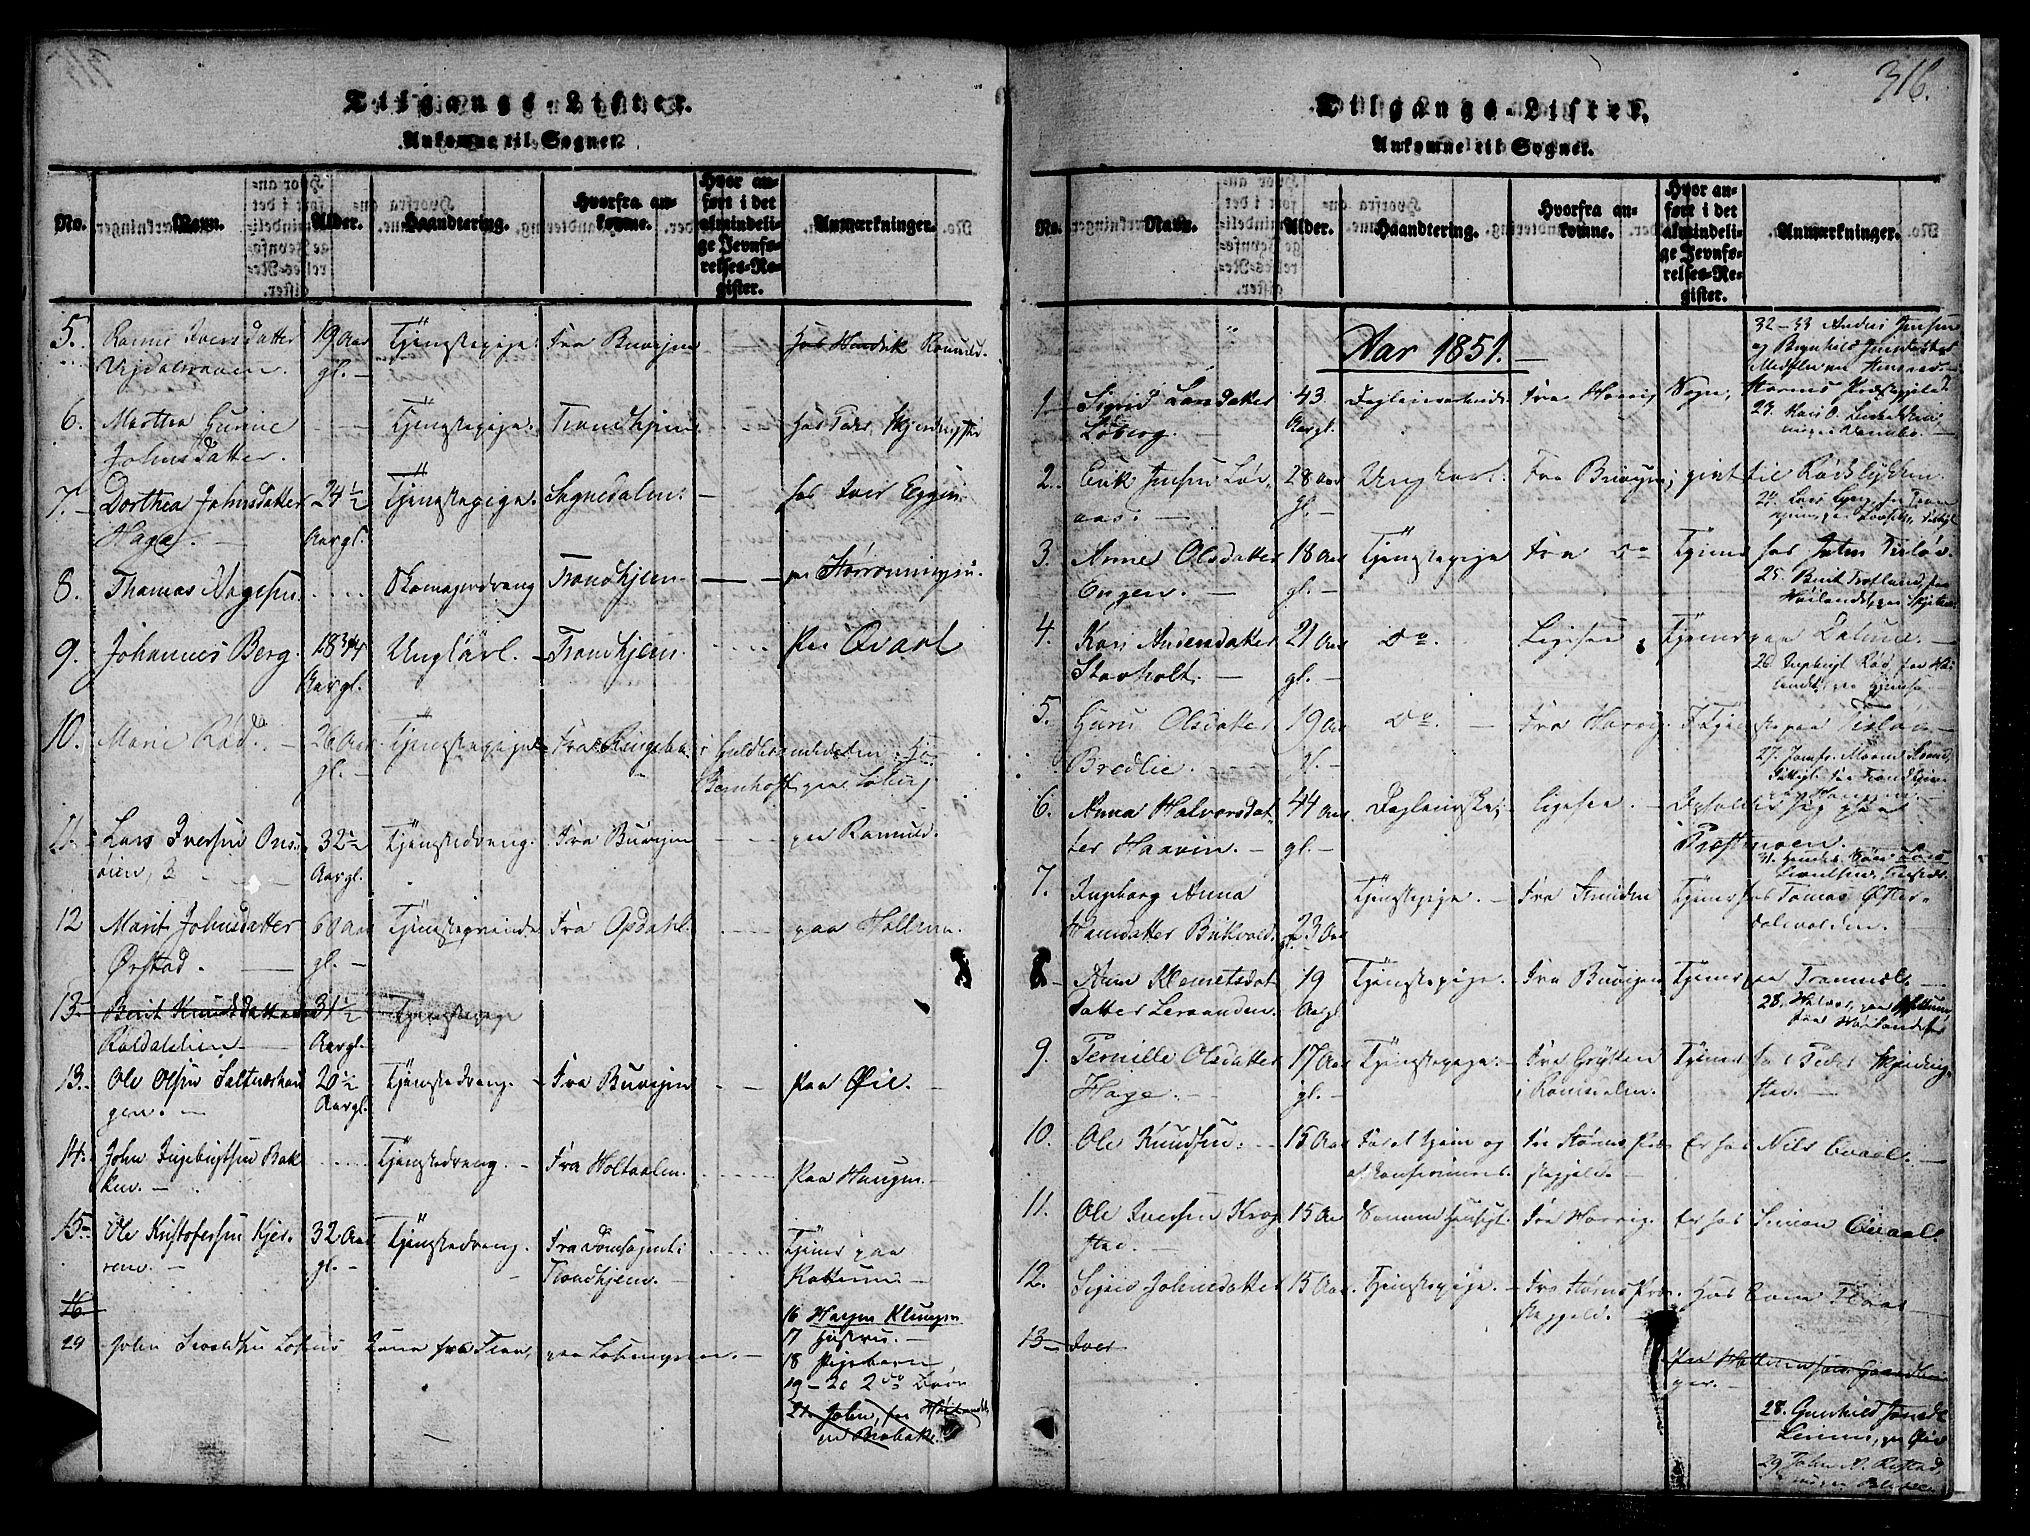 SAT, Ministerialprotokoller, klokkerbøker og fødselsregistre - Sør-Trøndelag, 691/L1092: Klokkerbok nr. 691C03, 1816-1852, s. 316